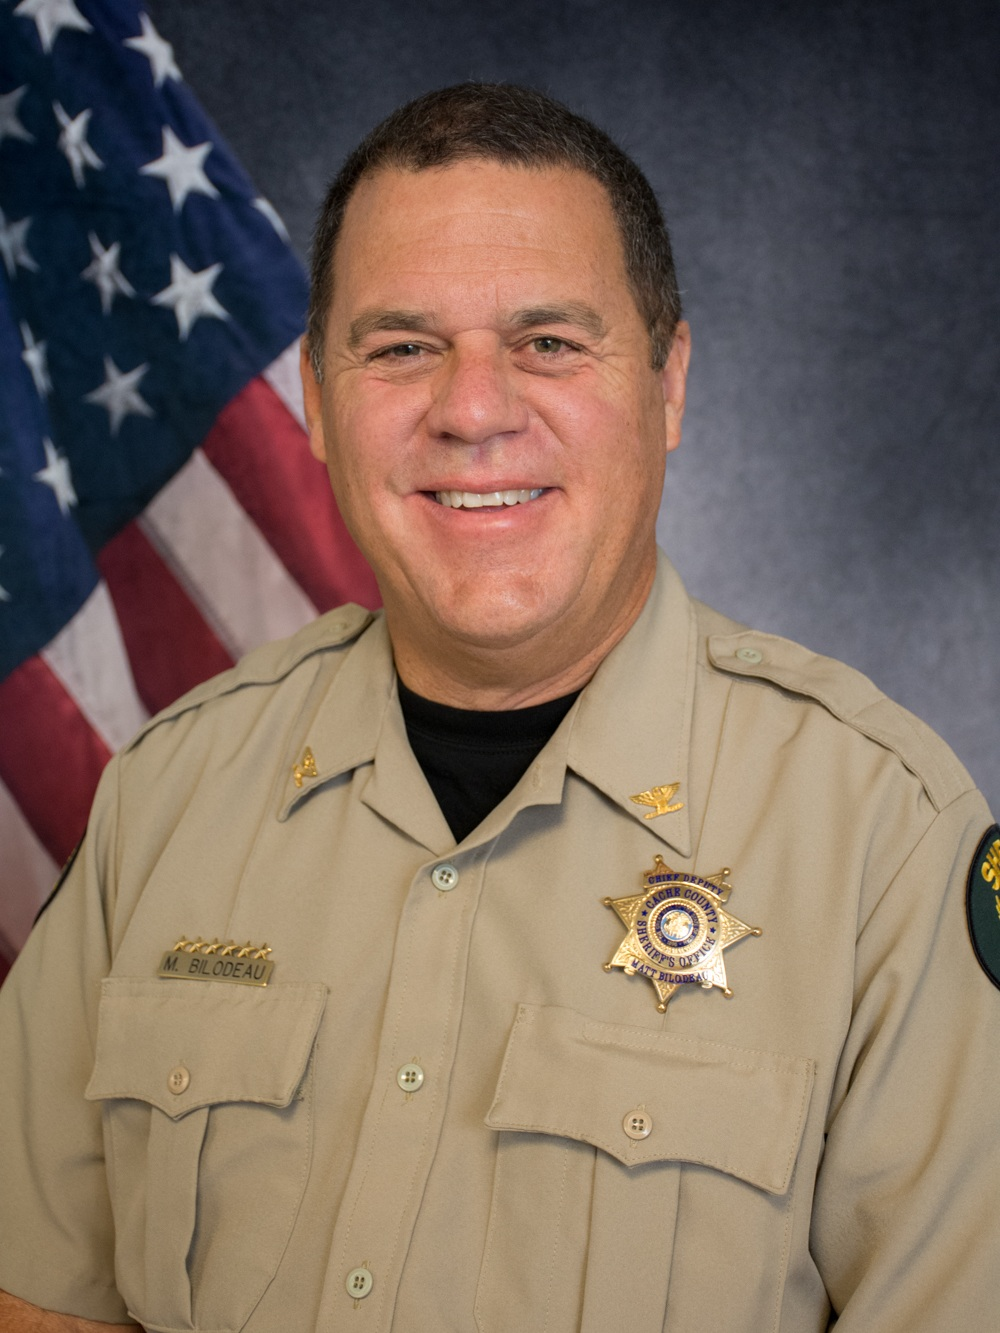 Chief Deputy Matt Bilodeau -